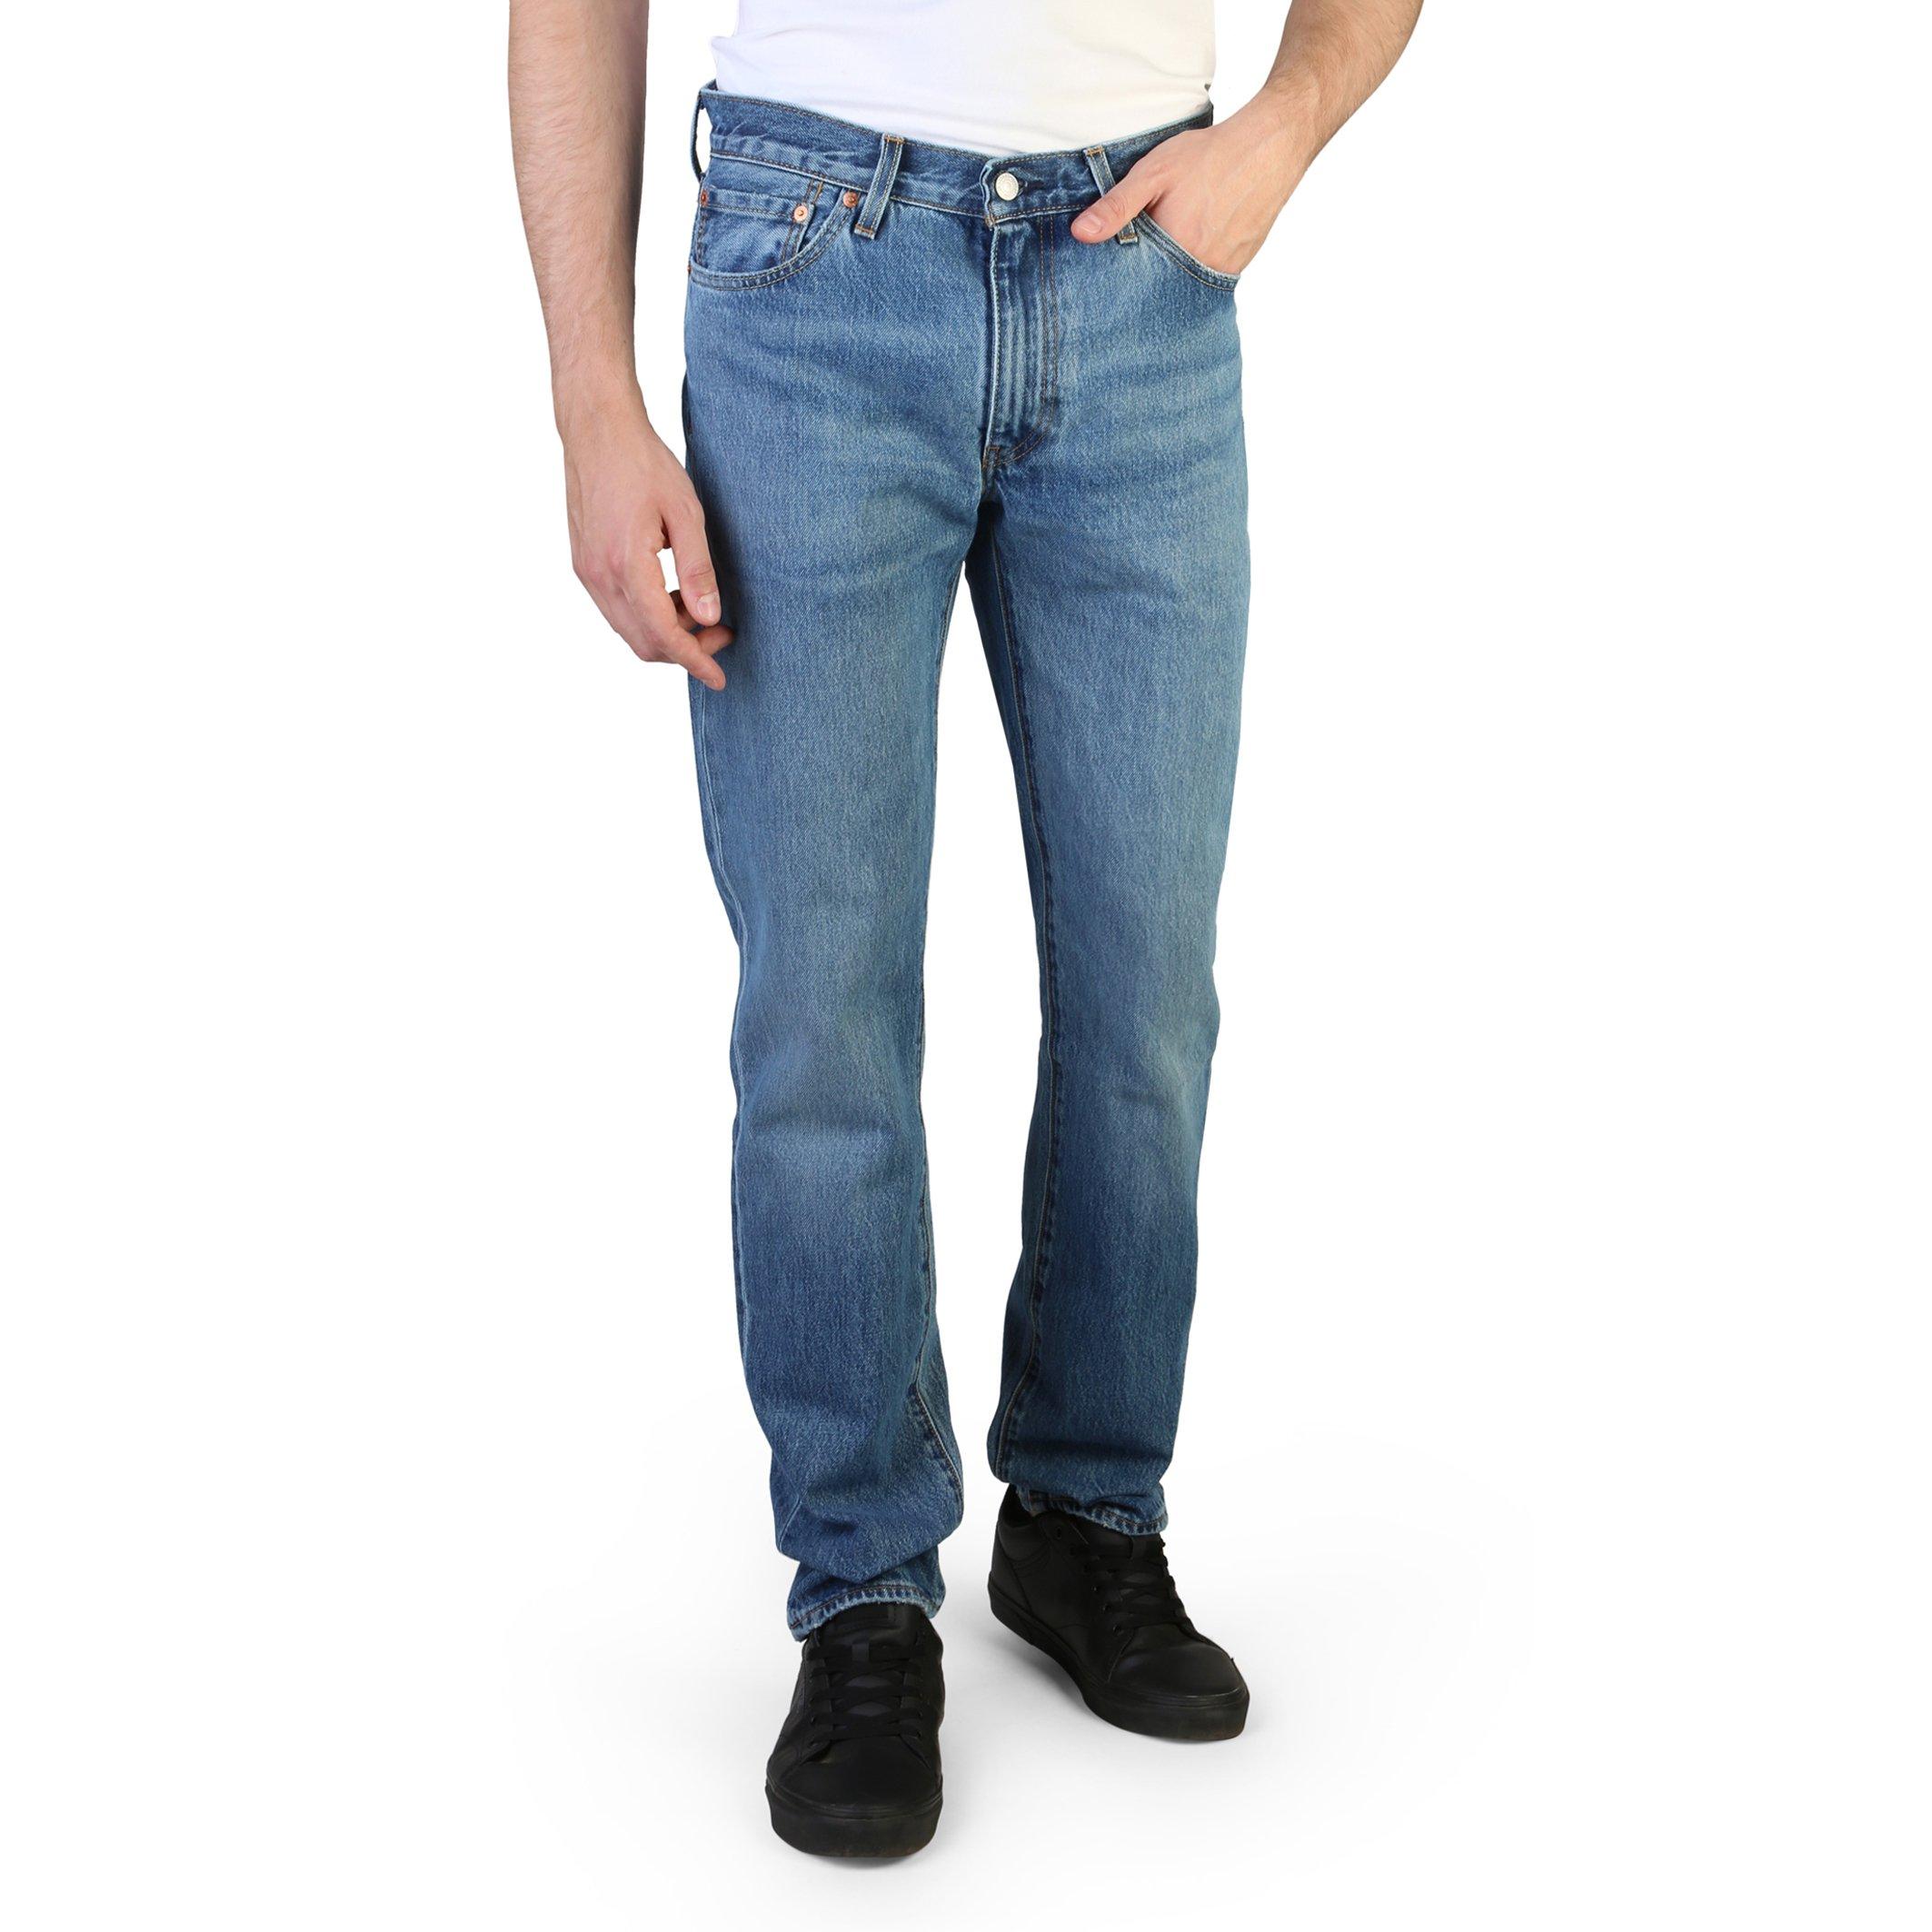 Levis Men's Jeans Blue 511_SLIM - blue-2 30